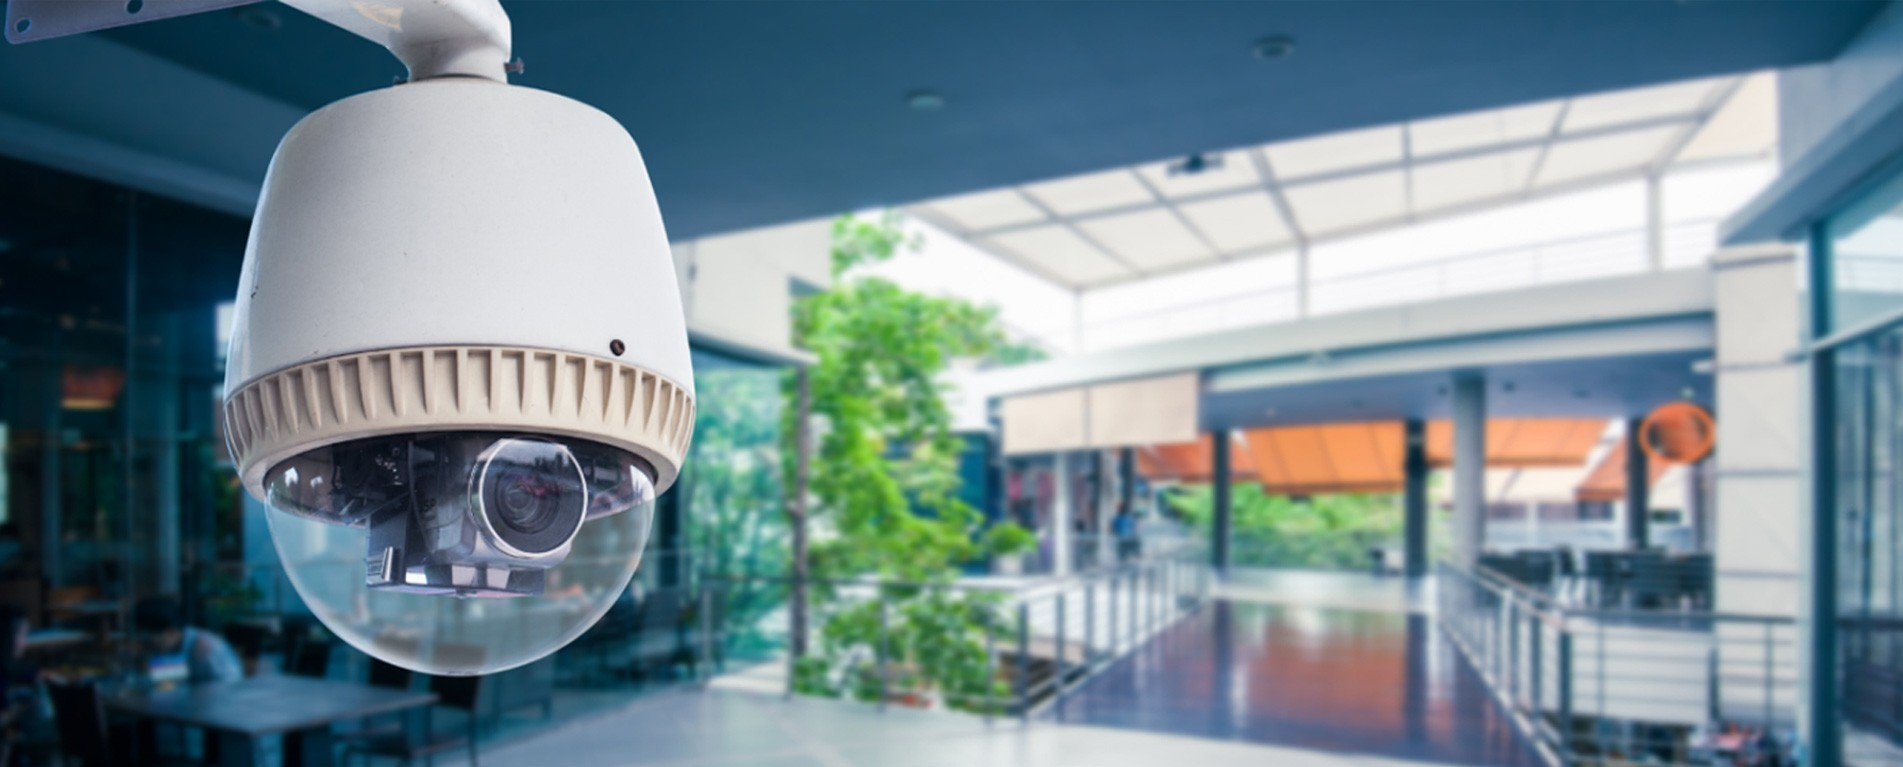 Overvågning - Alle slags kameraer